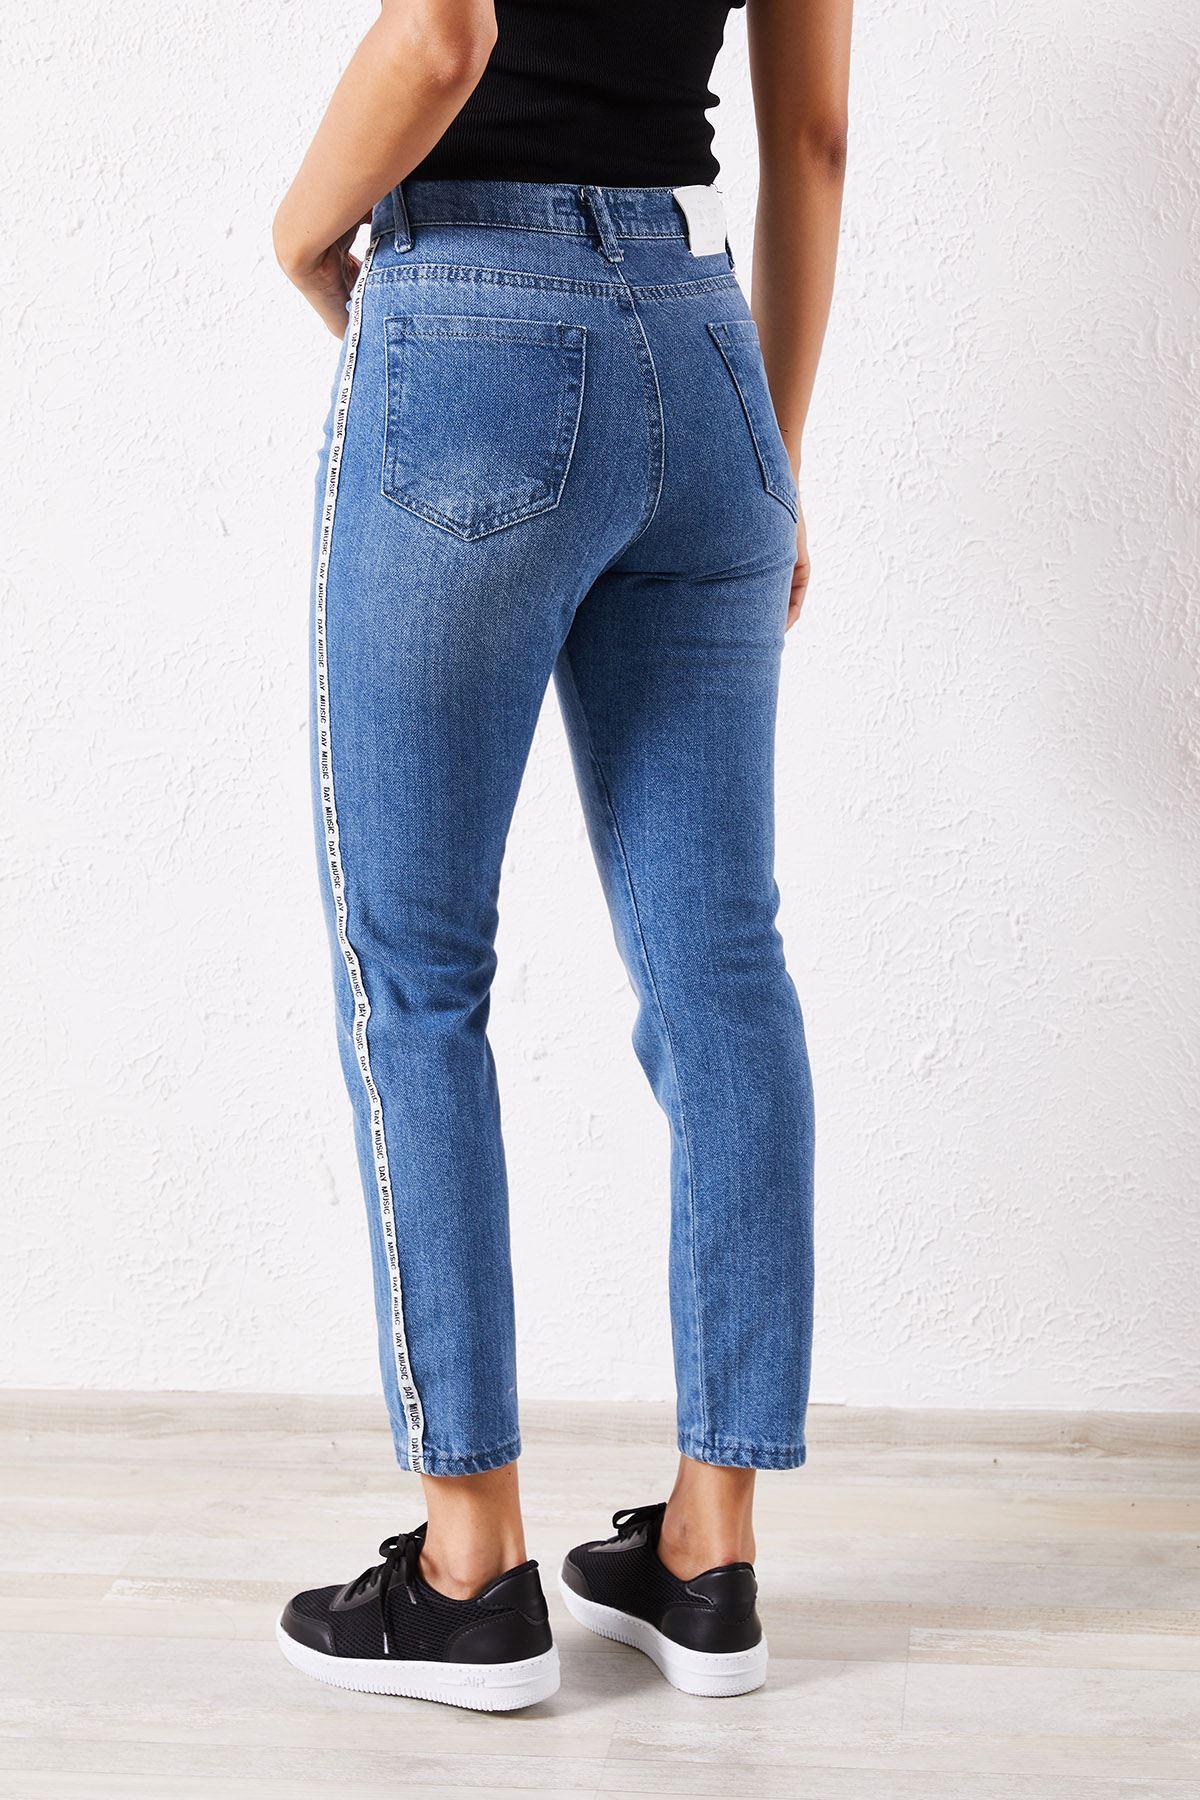 Kadın Şeritli Enzim Yıkamalı Mavi Pantolon